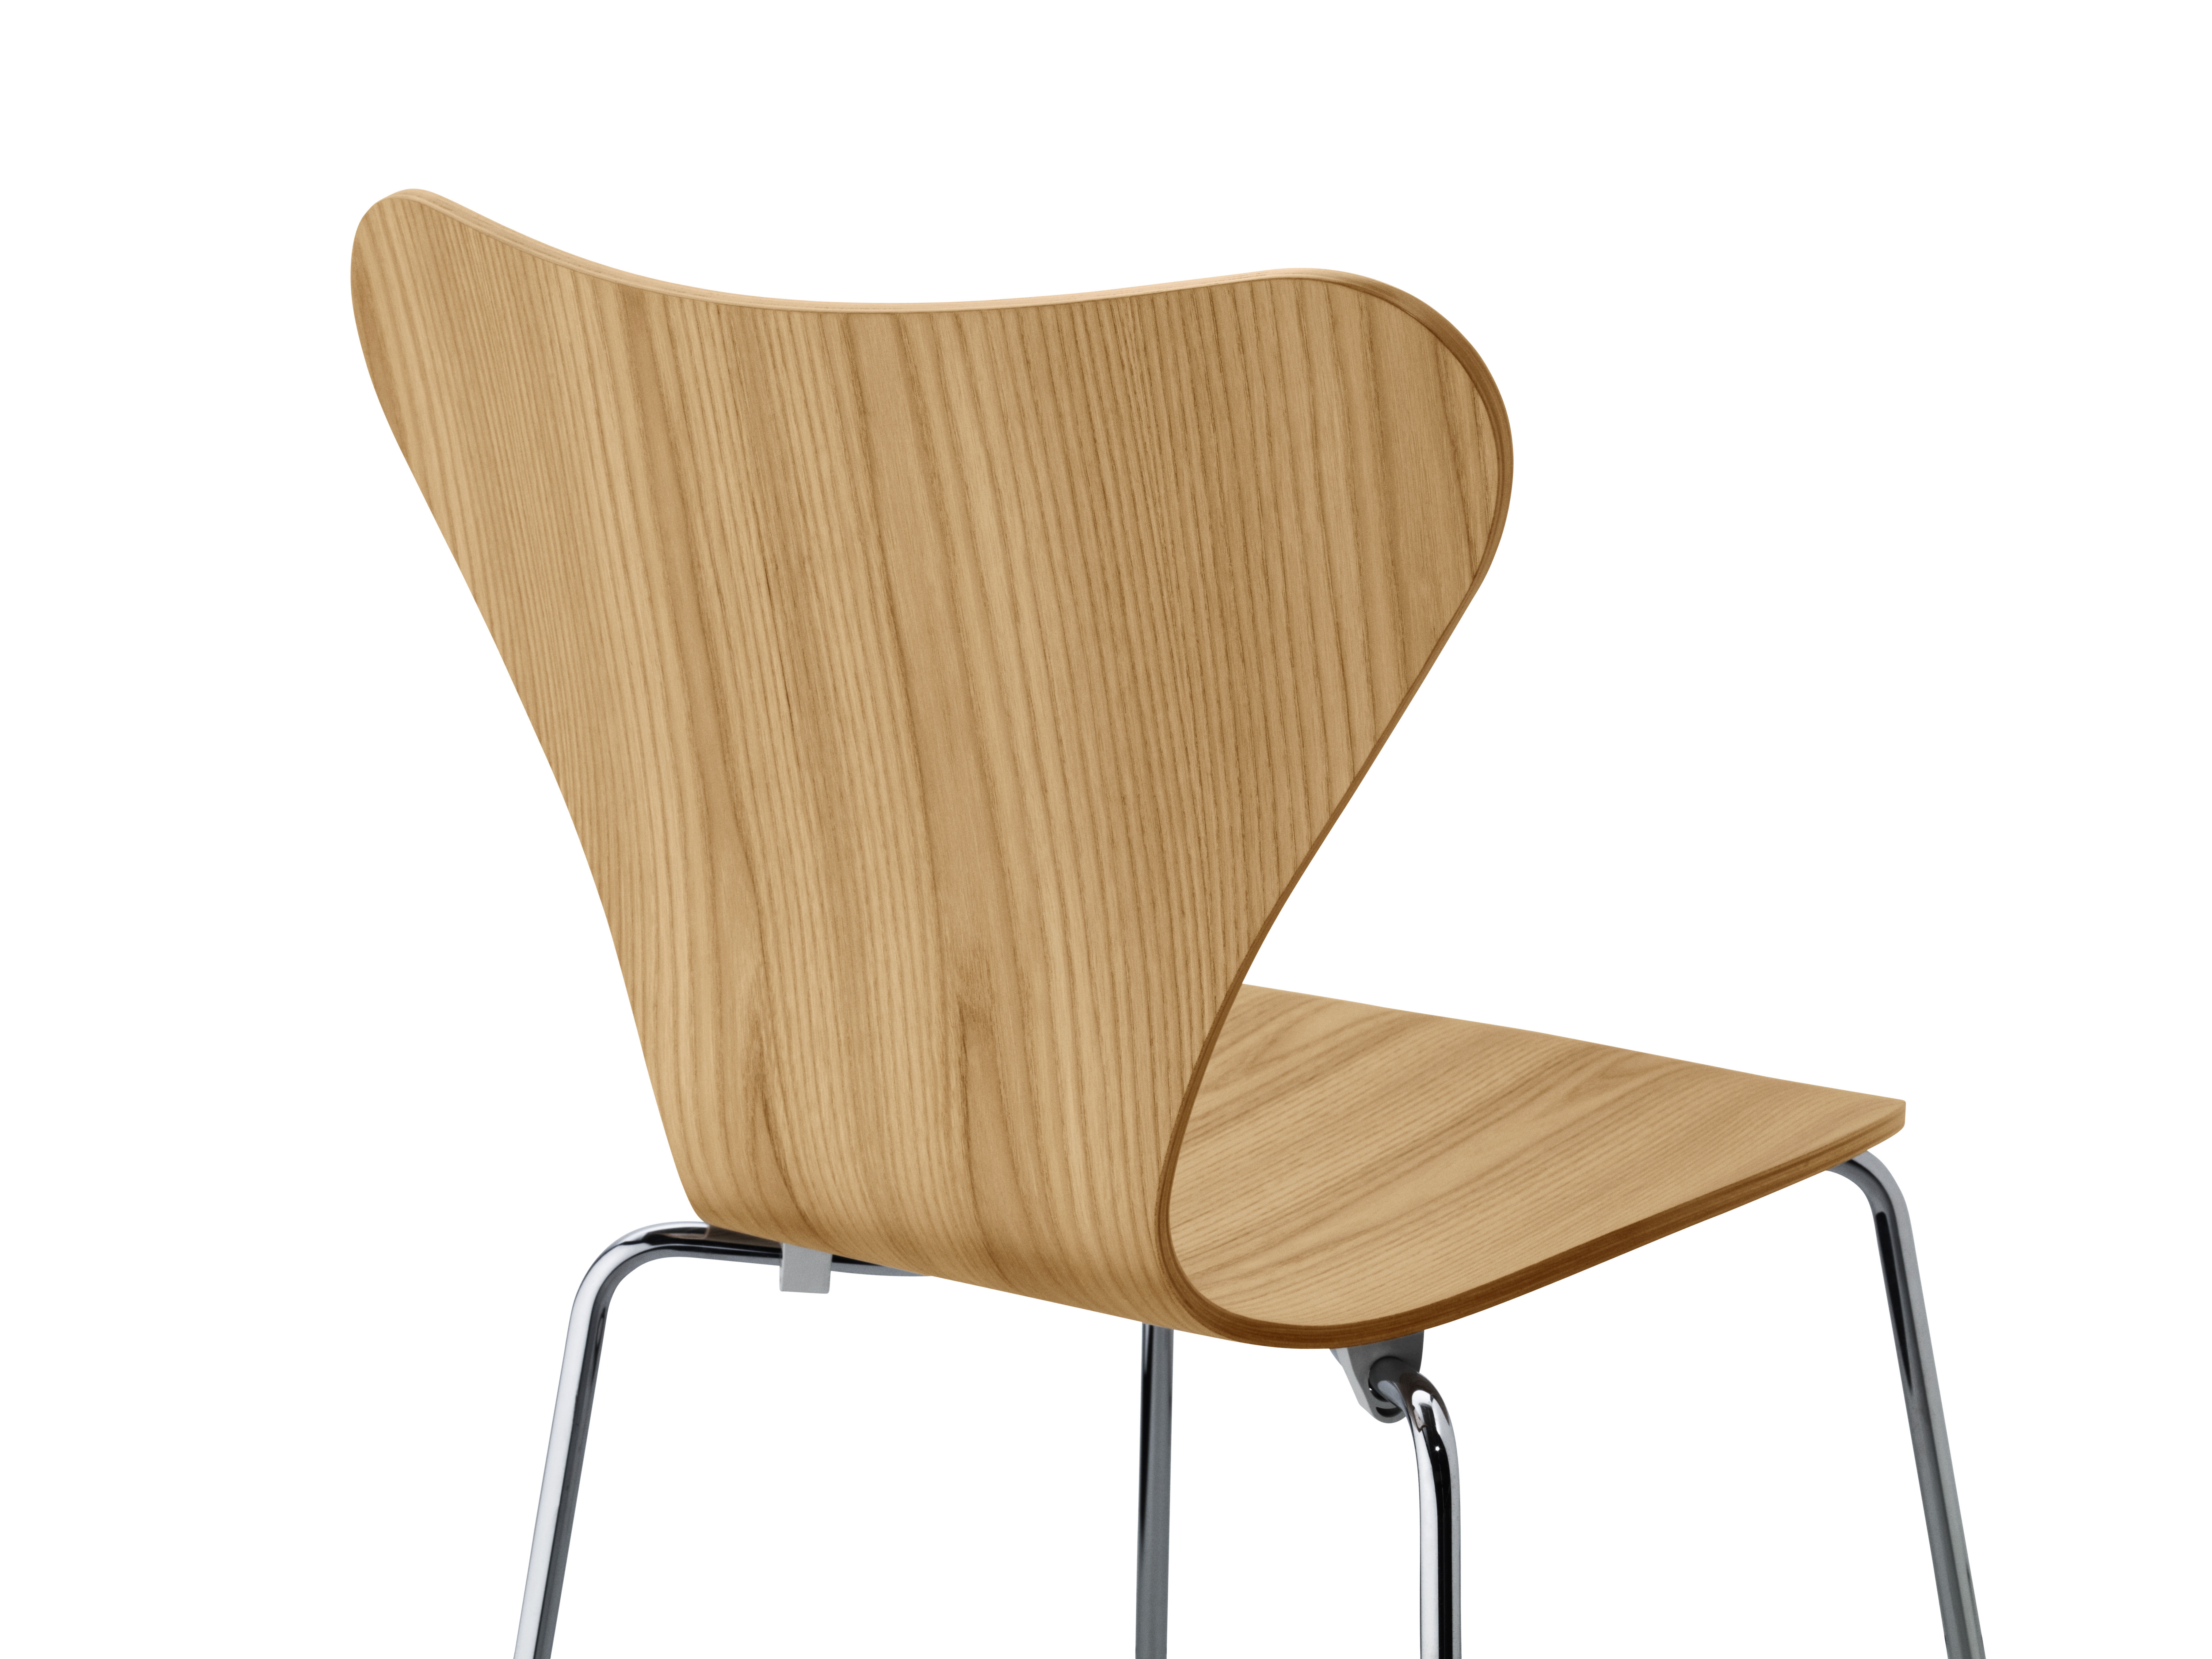 serie 7 holz natur fritz hansen stuhl. Black Bedroom Furniture Sets. Home Design Ideas